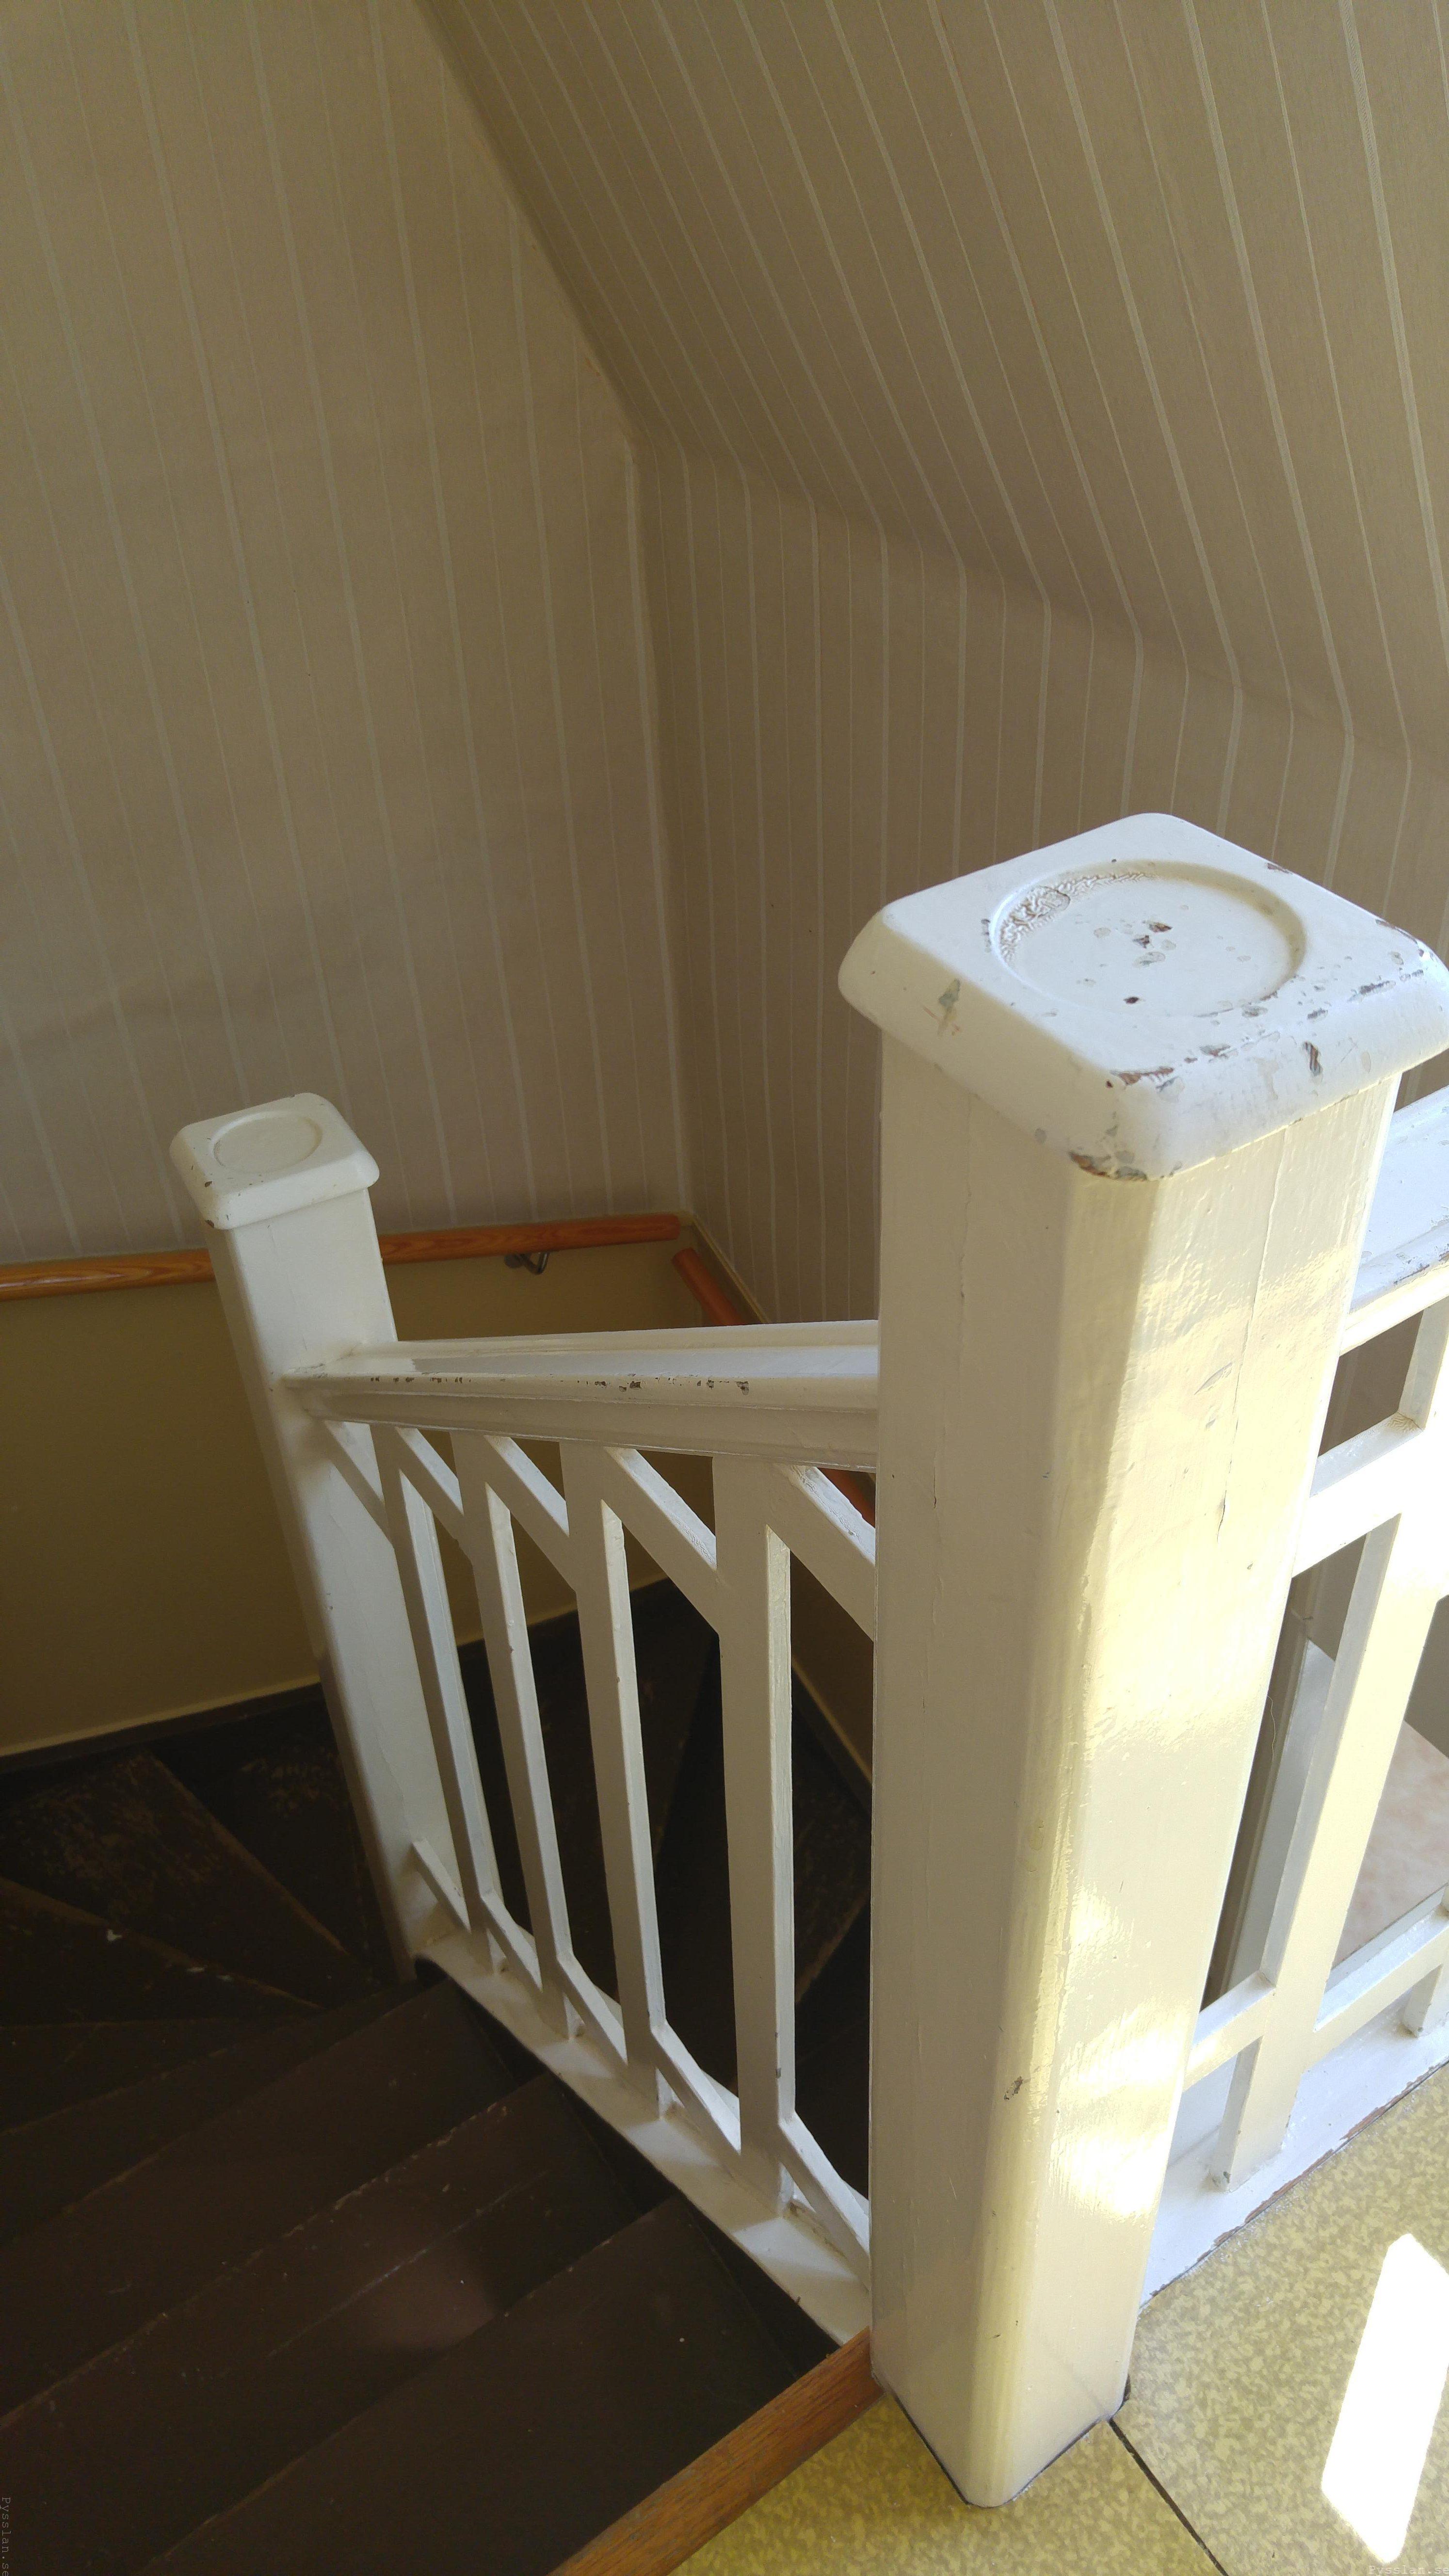 drömhus 20-talshus rött hus vita knutar renovering jugend husdröm pysslan blogg trappräcke ovanvåning